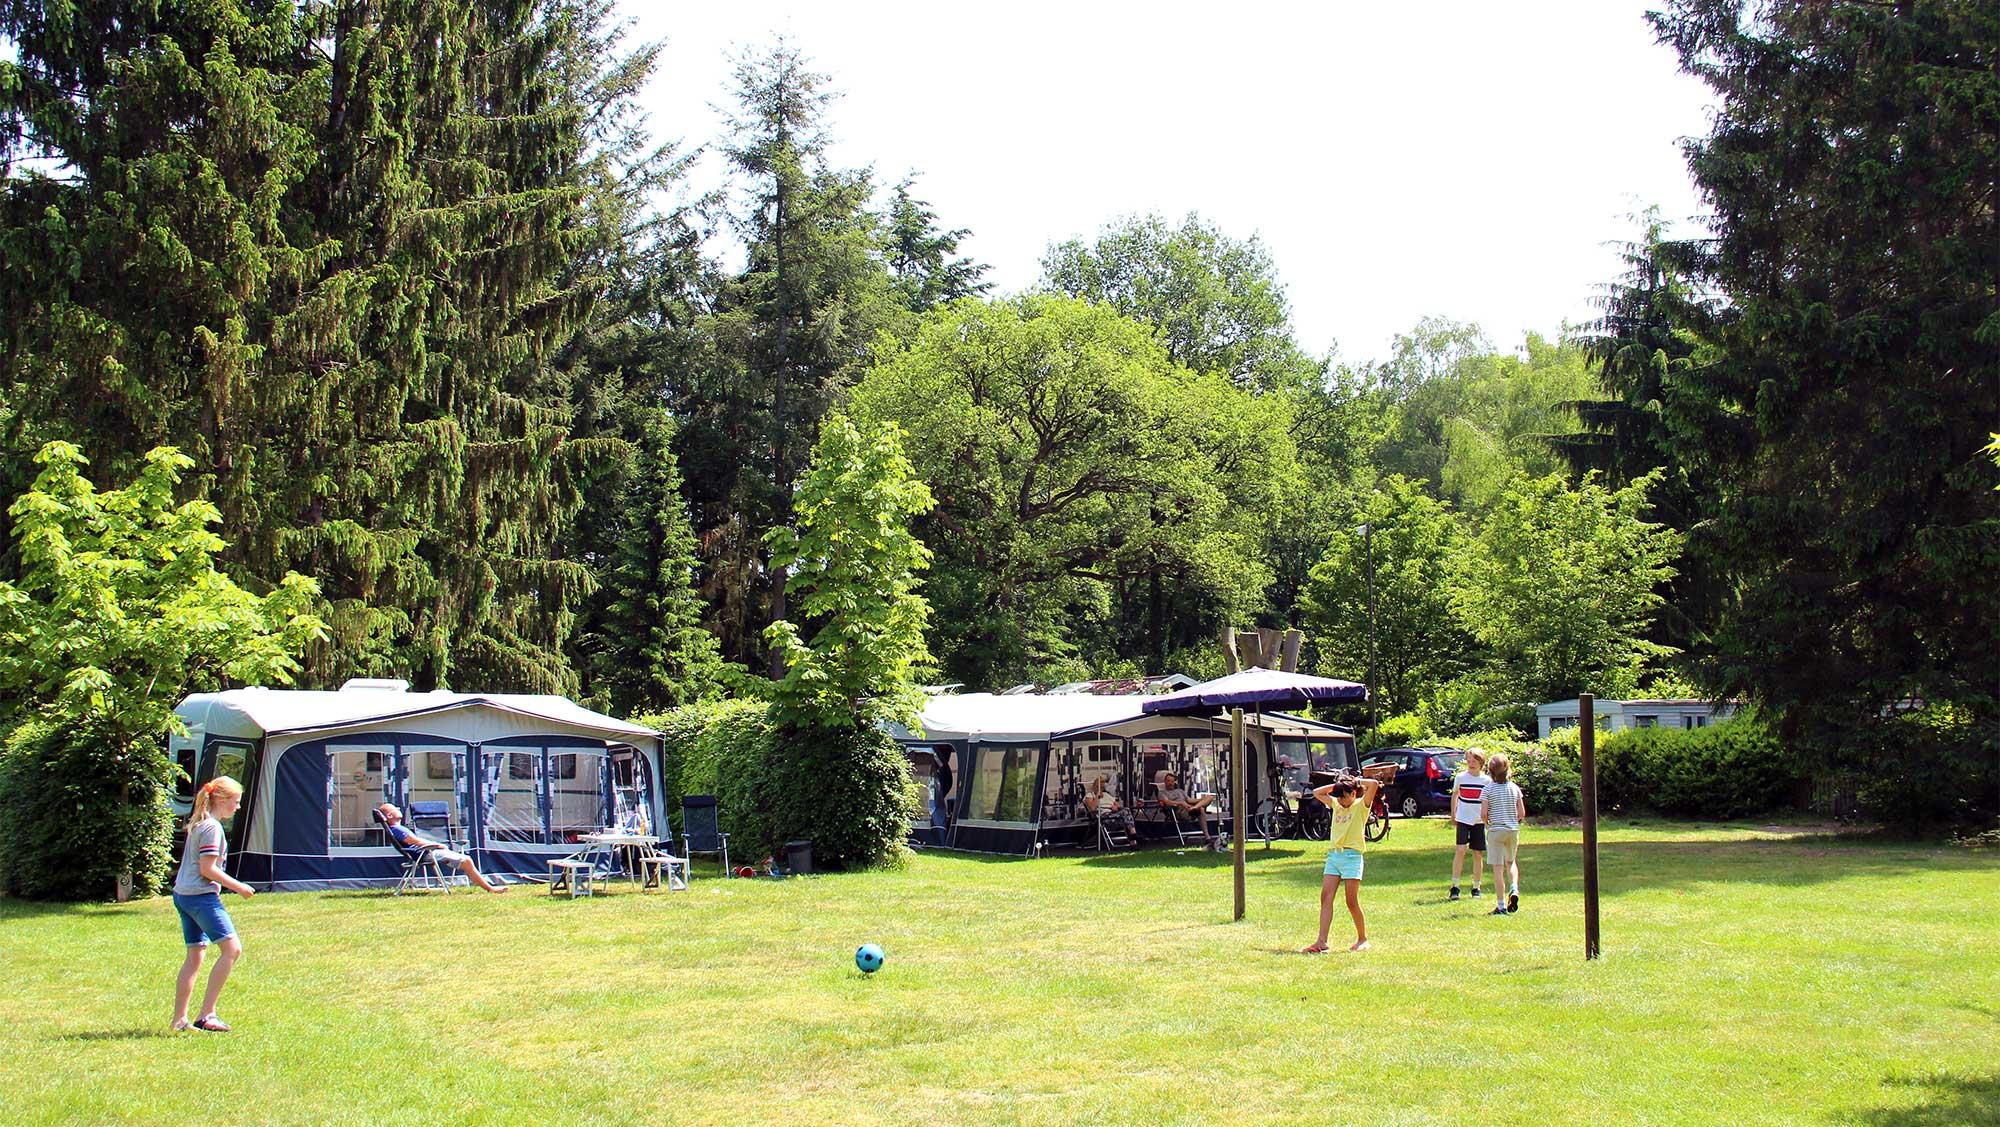 Seizoenplaats kamperen Molecaten Park Landgoed Molecaten